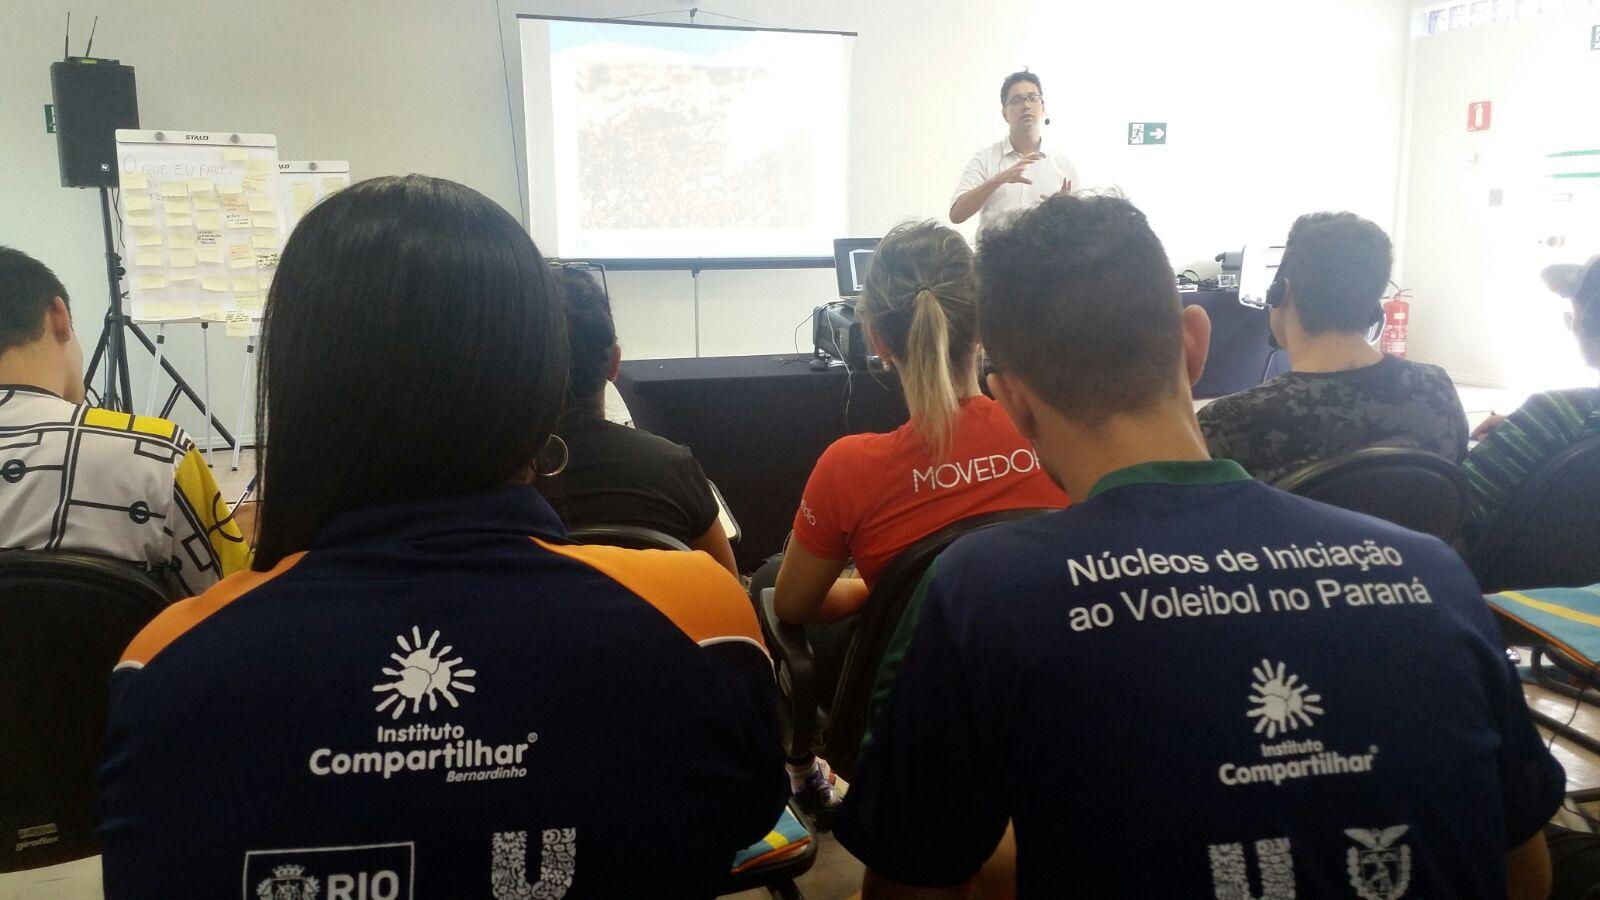 Renata Regis, coordenadora dos Núcleos Rio/RJ e Gabriel Jungles, professor do Núcleo Central de Curitiba, assistem a palestras durante o curso.